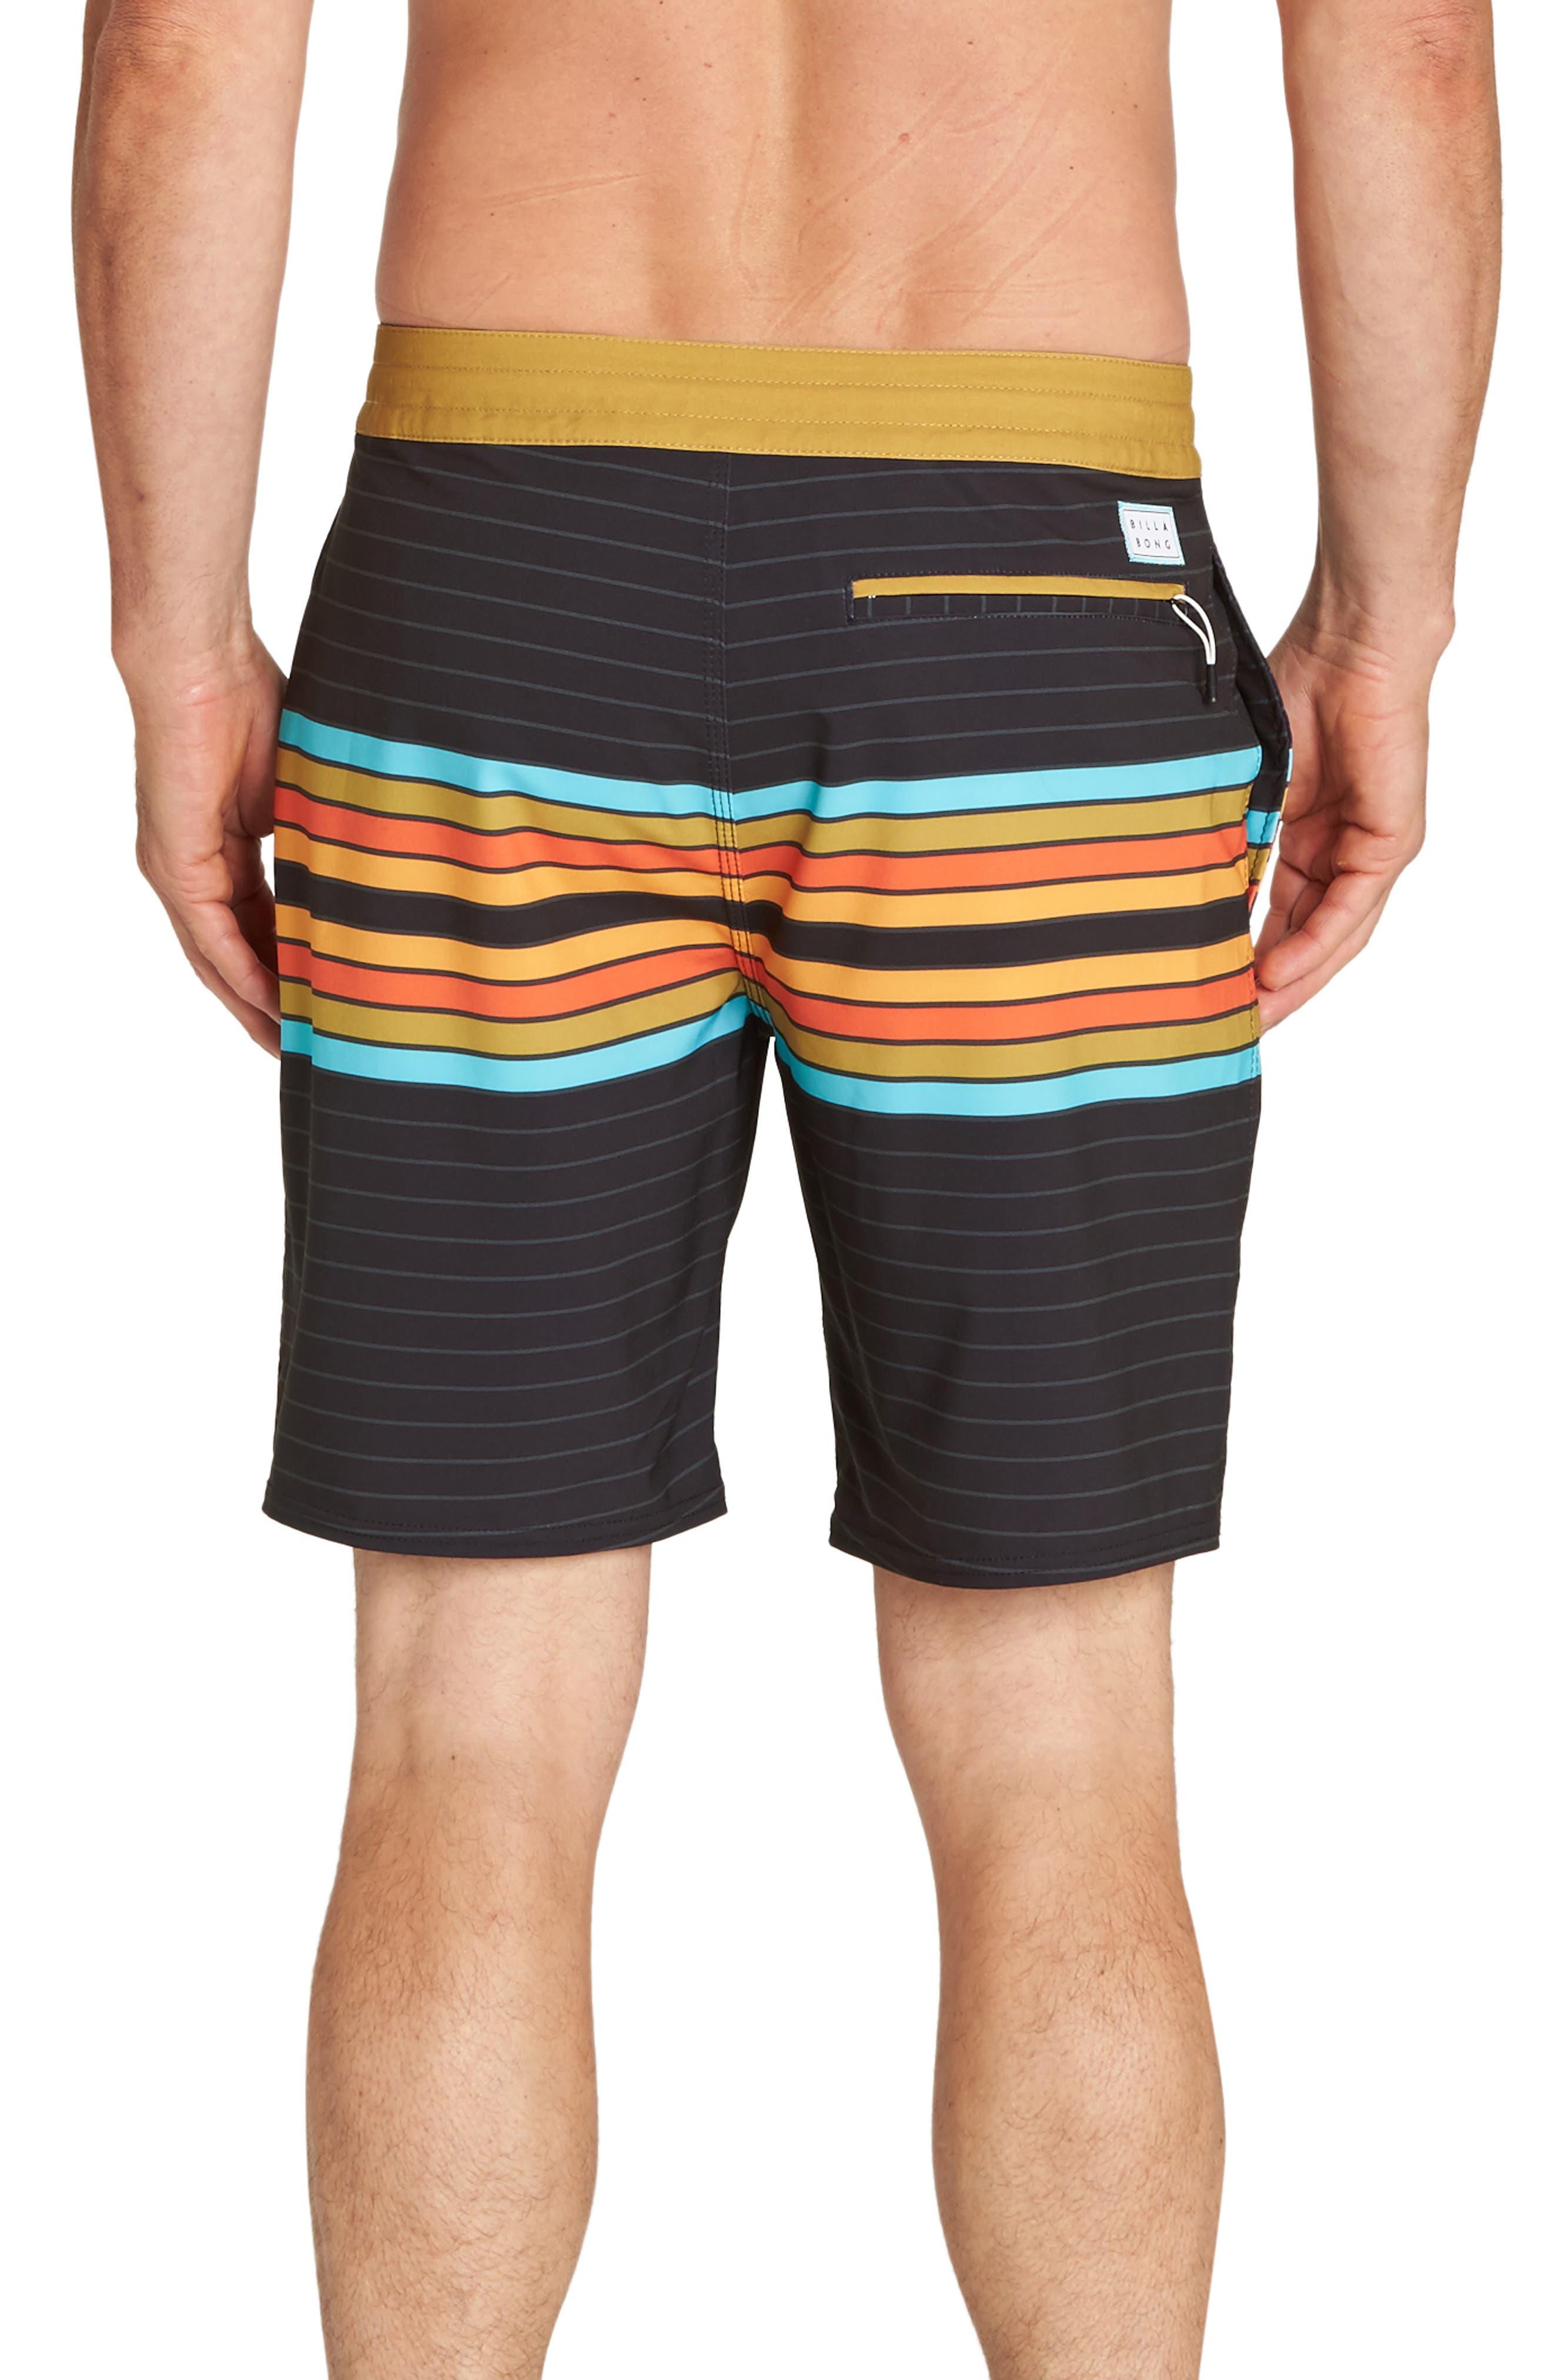 Spinner LT Board Shorts,                             Alternate thumbnail 2, color,                             018